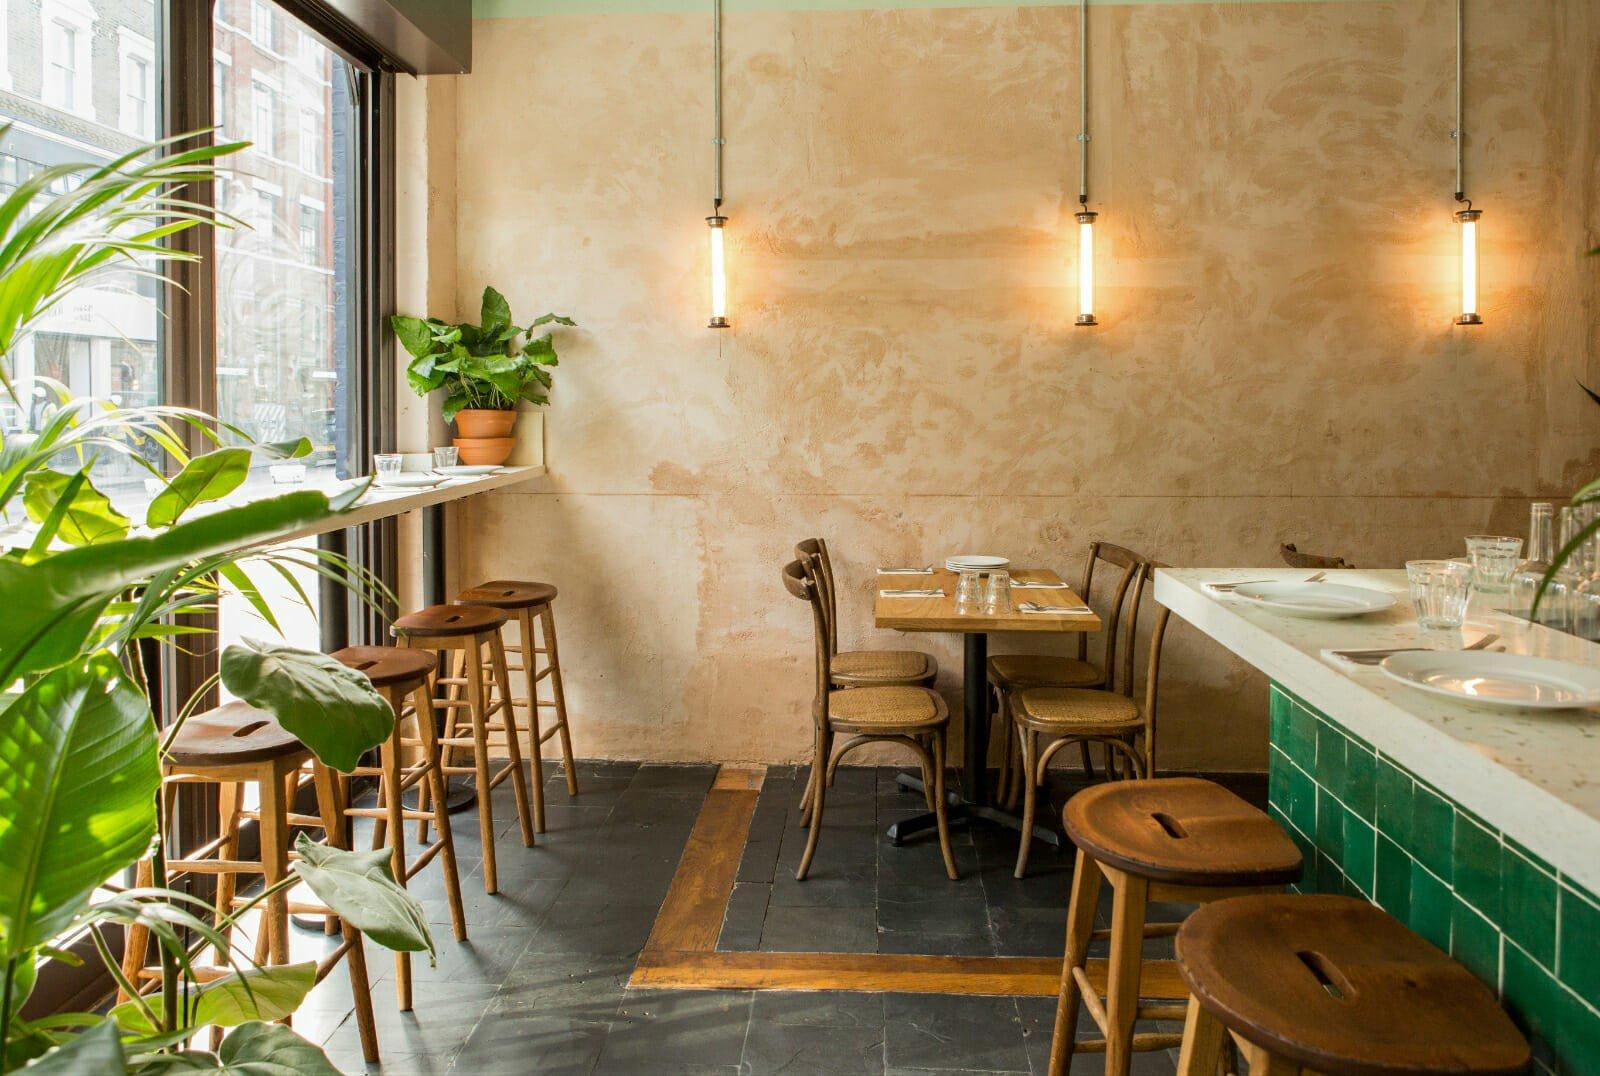 Bubala recently opened restaurants